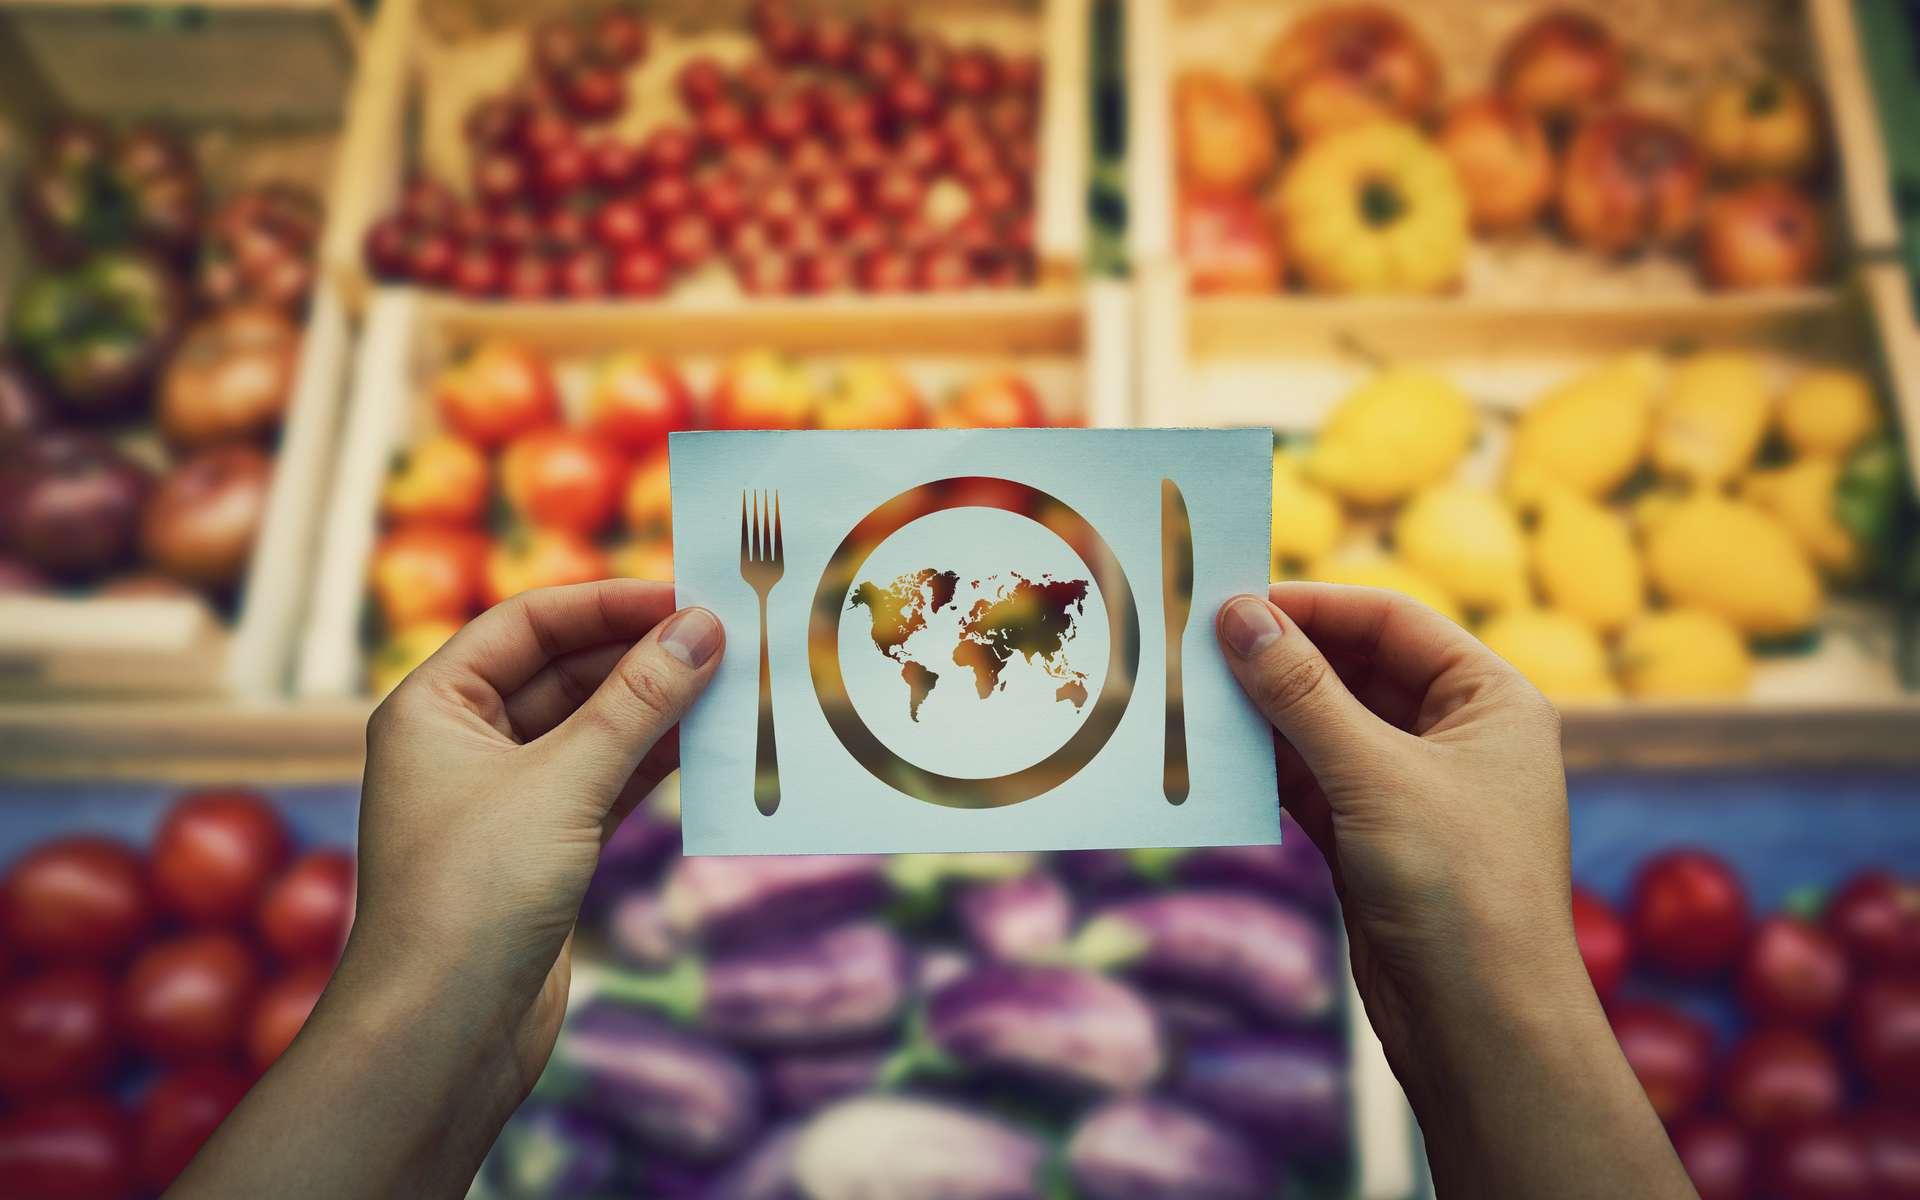 Pas moins de deux milliards de personnes souffrent encore de malnutrition dans le monde. © 1STunningART, Adobe Stock